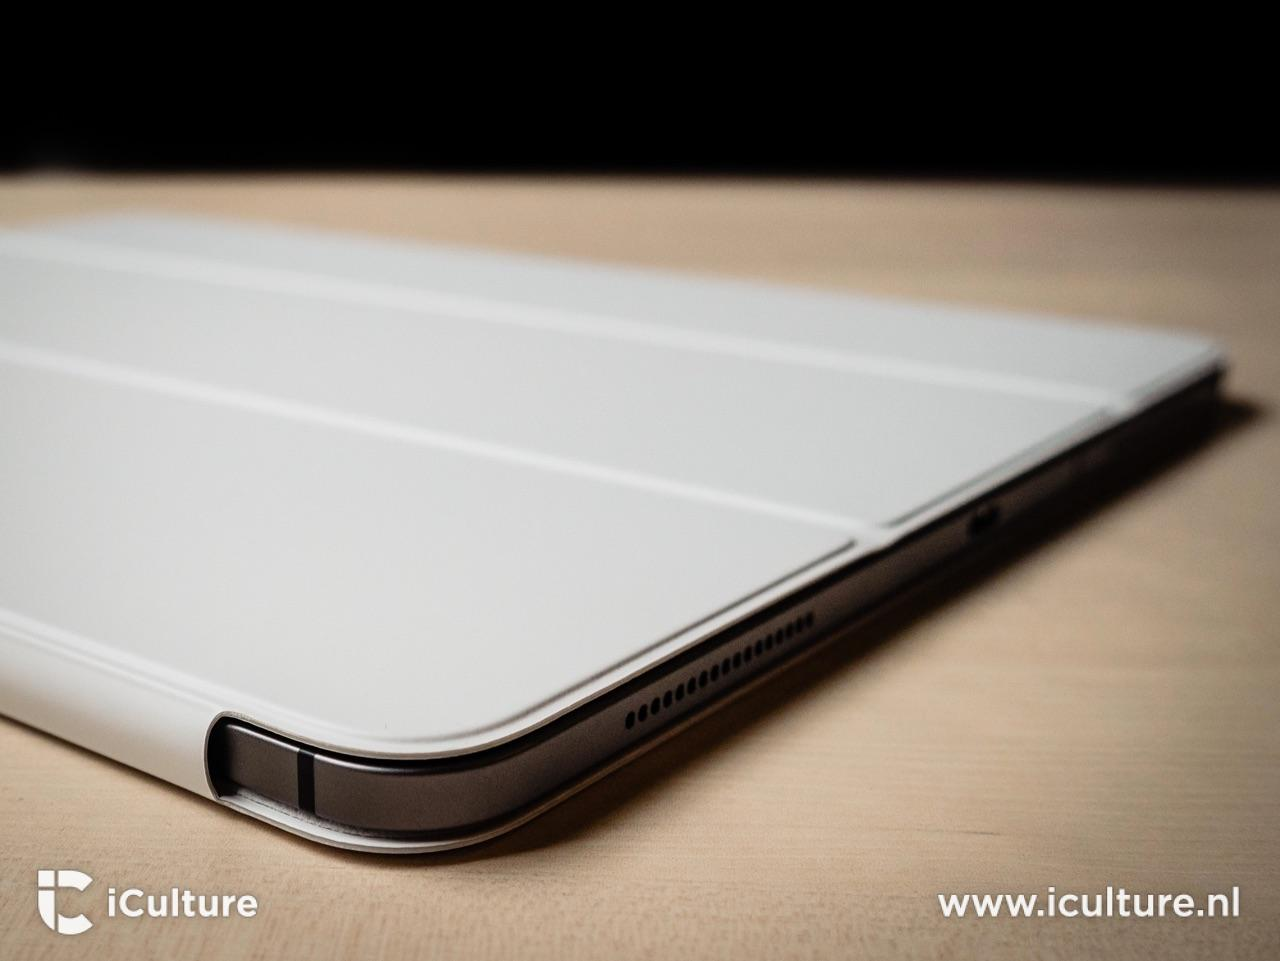 iPad Pro Smart Folio vanuit de hoek.